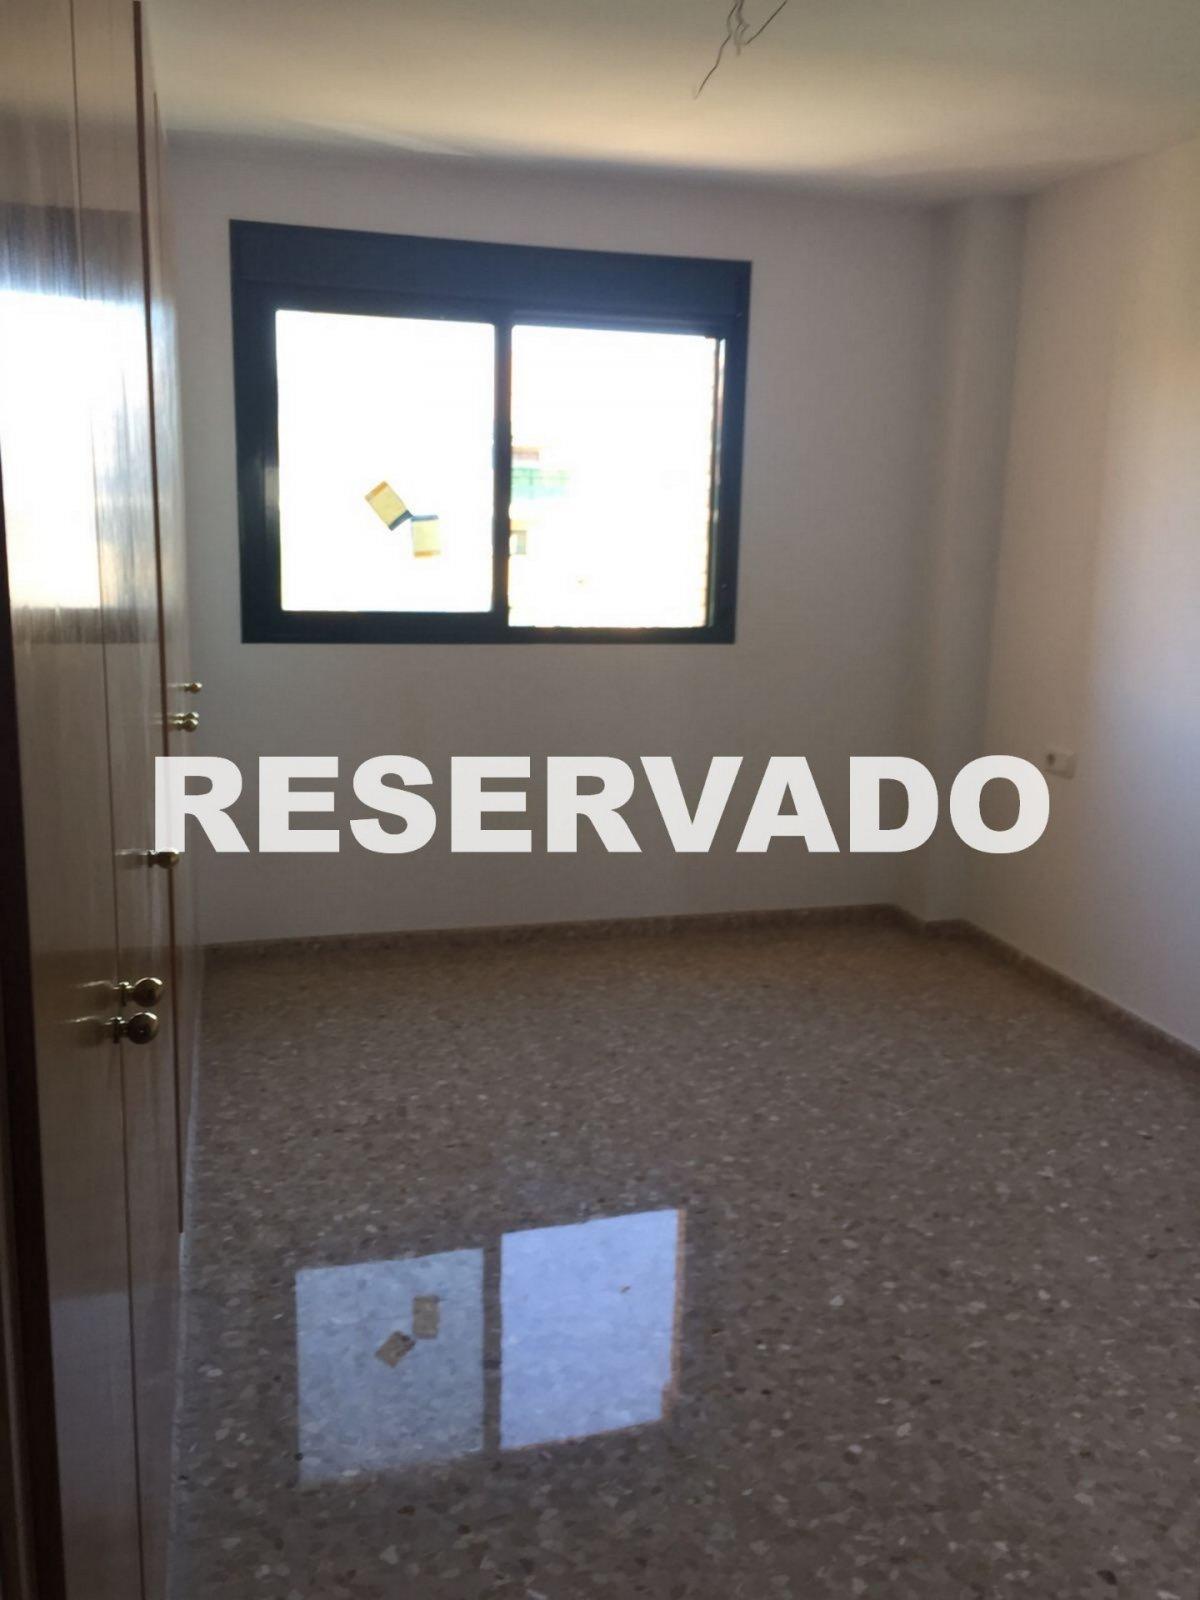 Venta piso en Paterna, ubicada en Casas Verdes con garaje 9